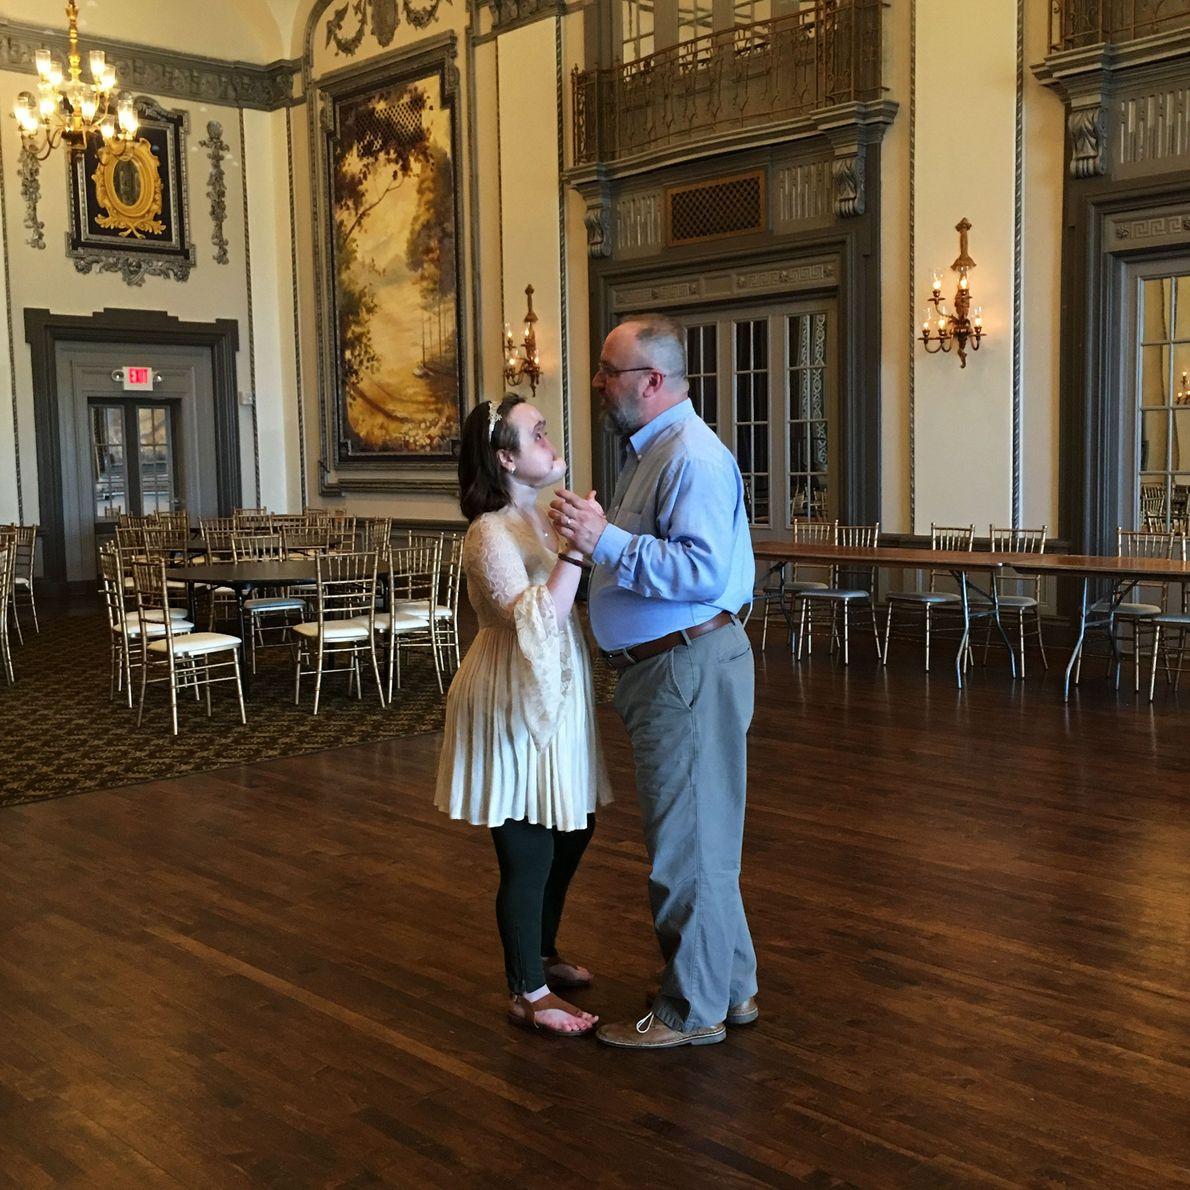 Katie y su padre bailando